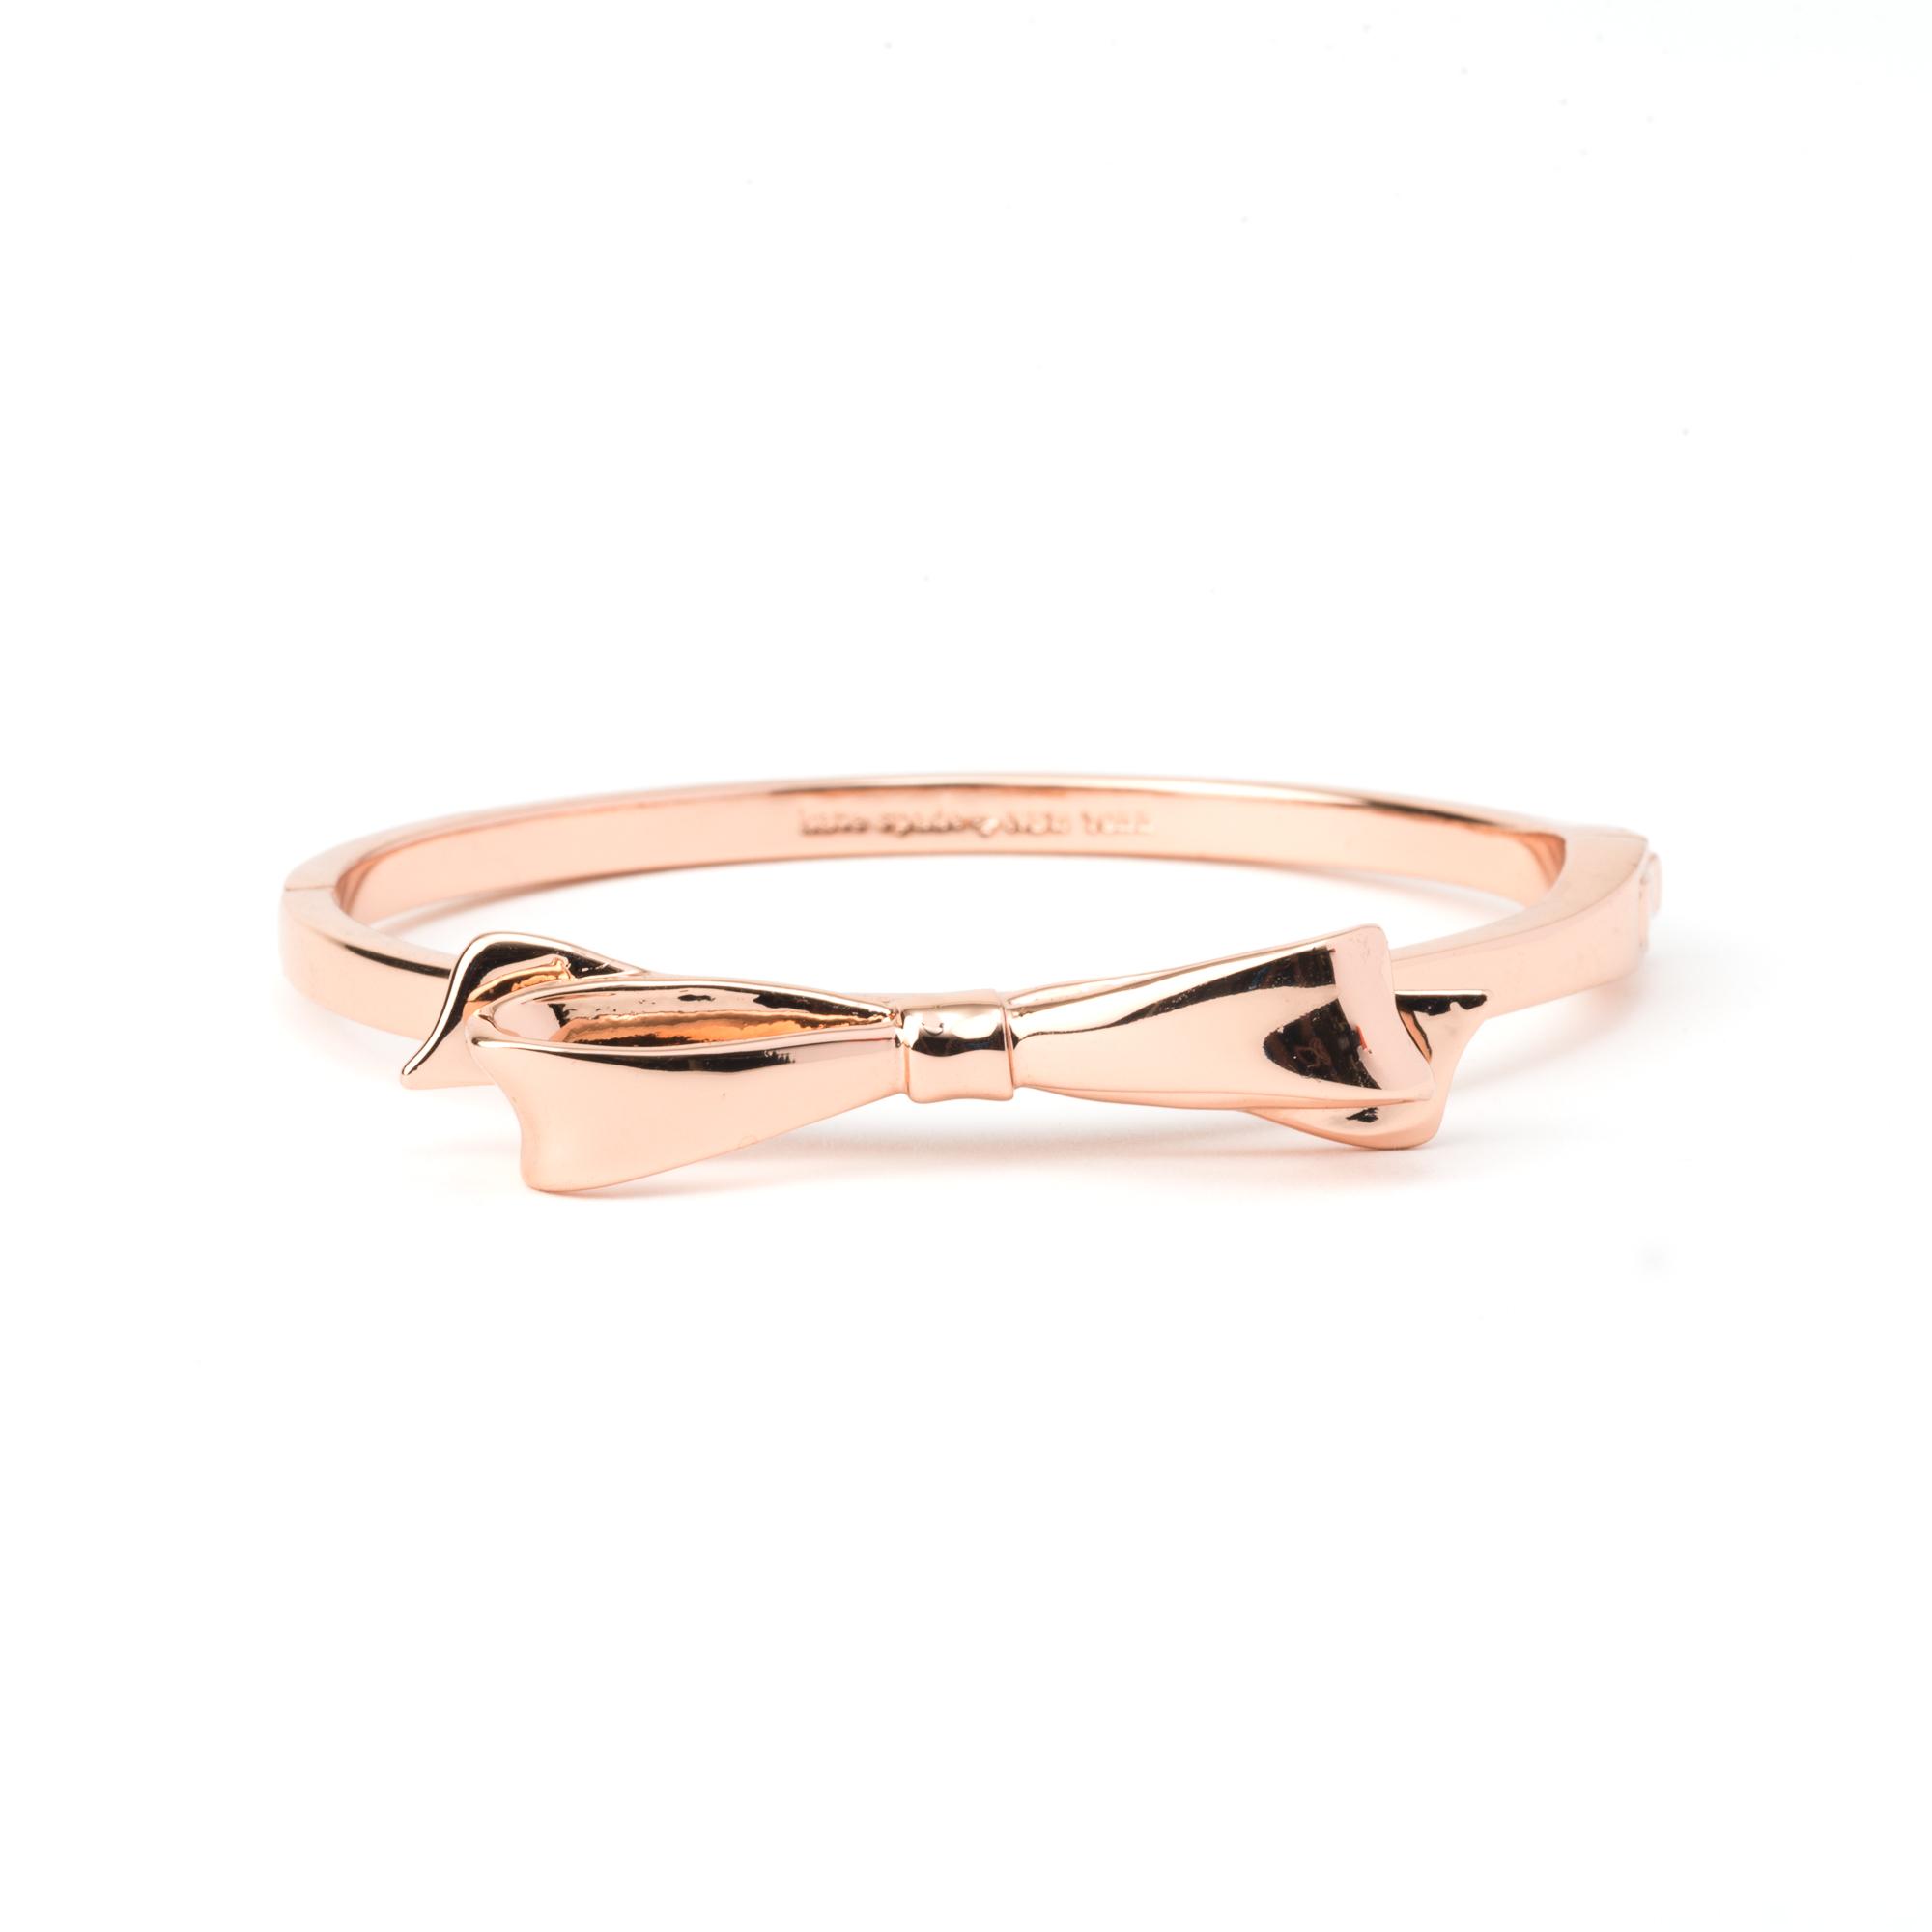 Jessica Jewelry Test Shot-1.jpg